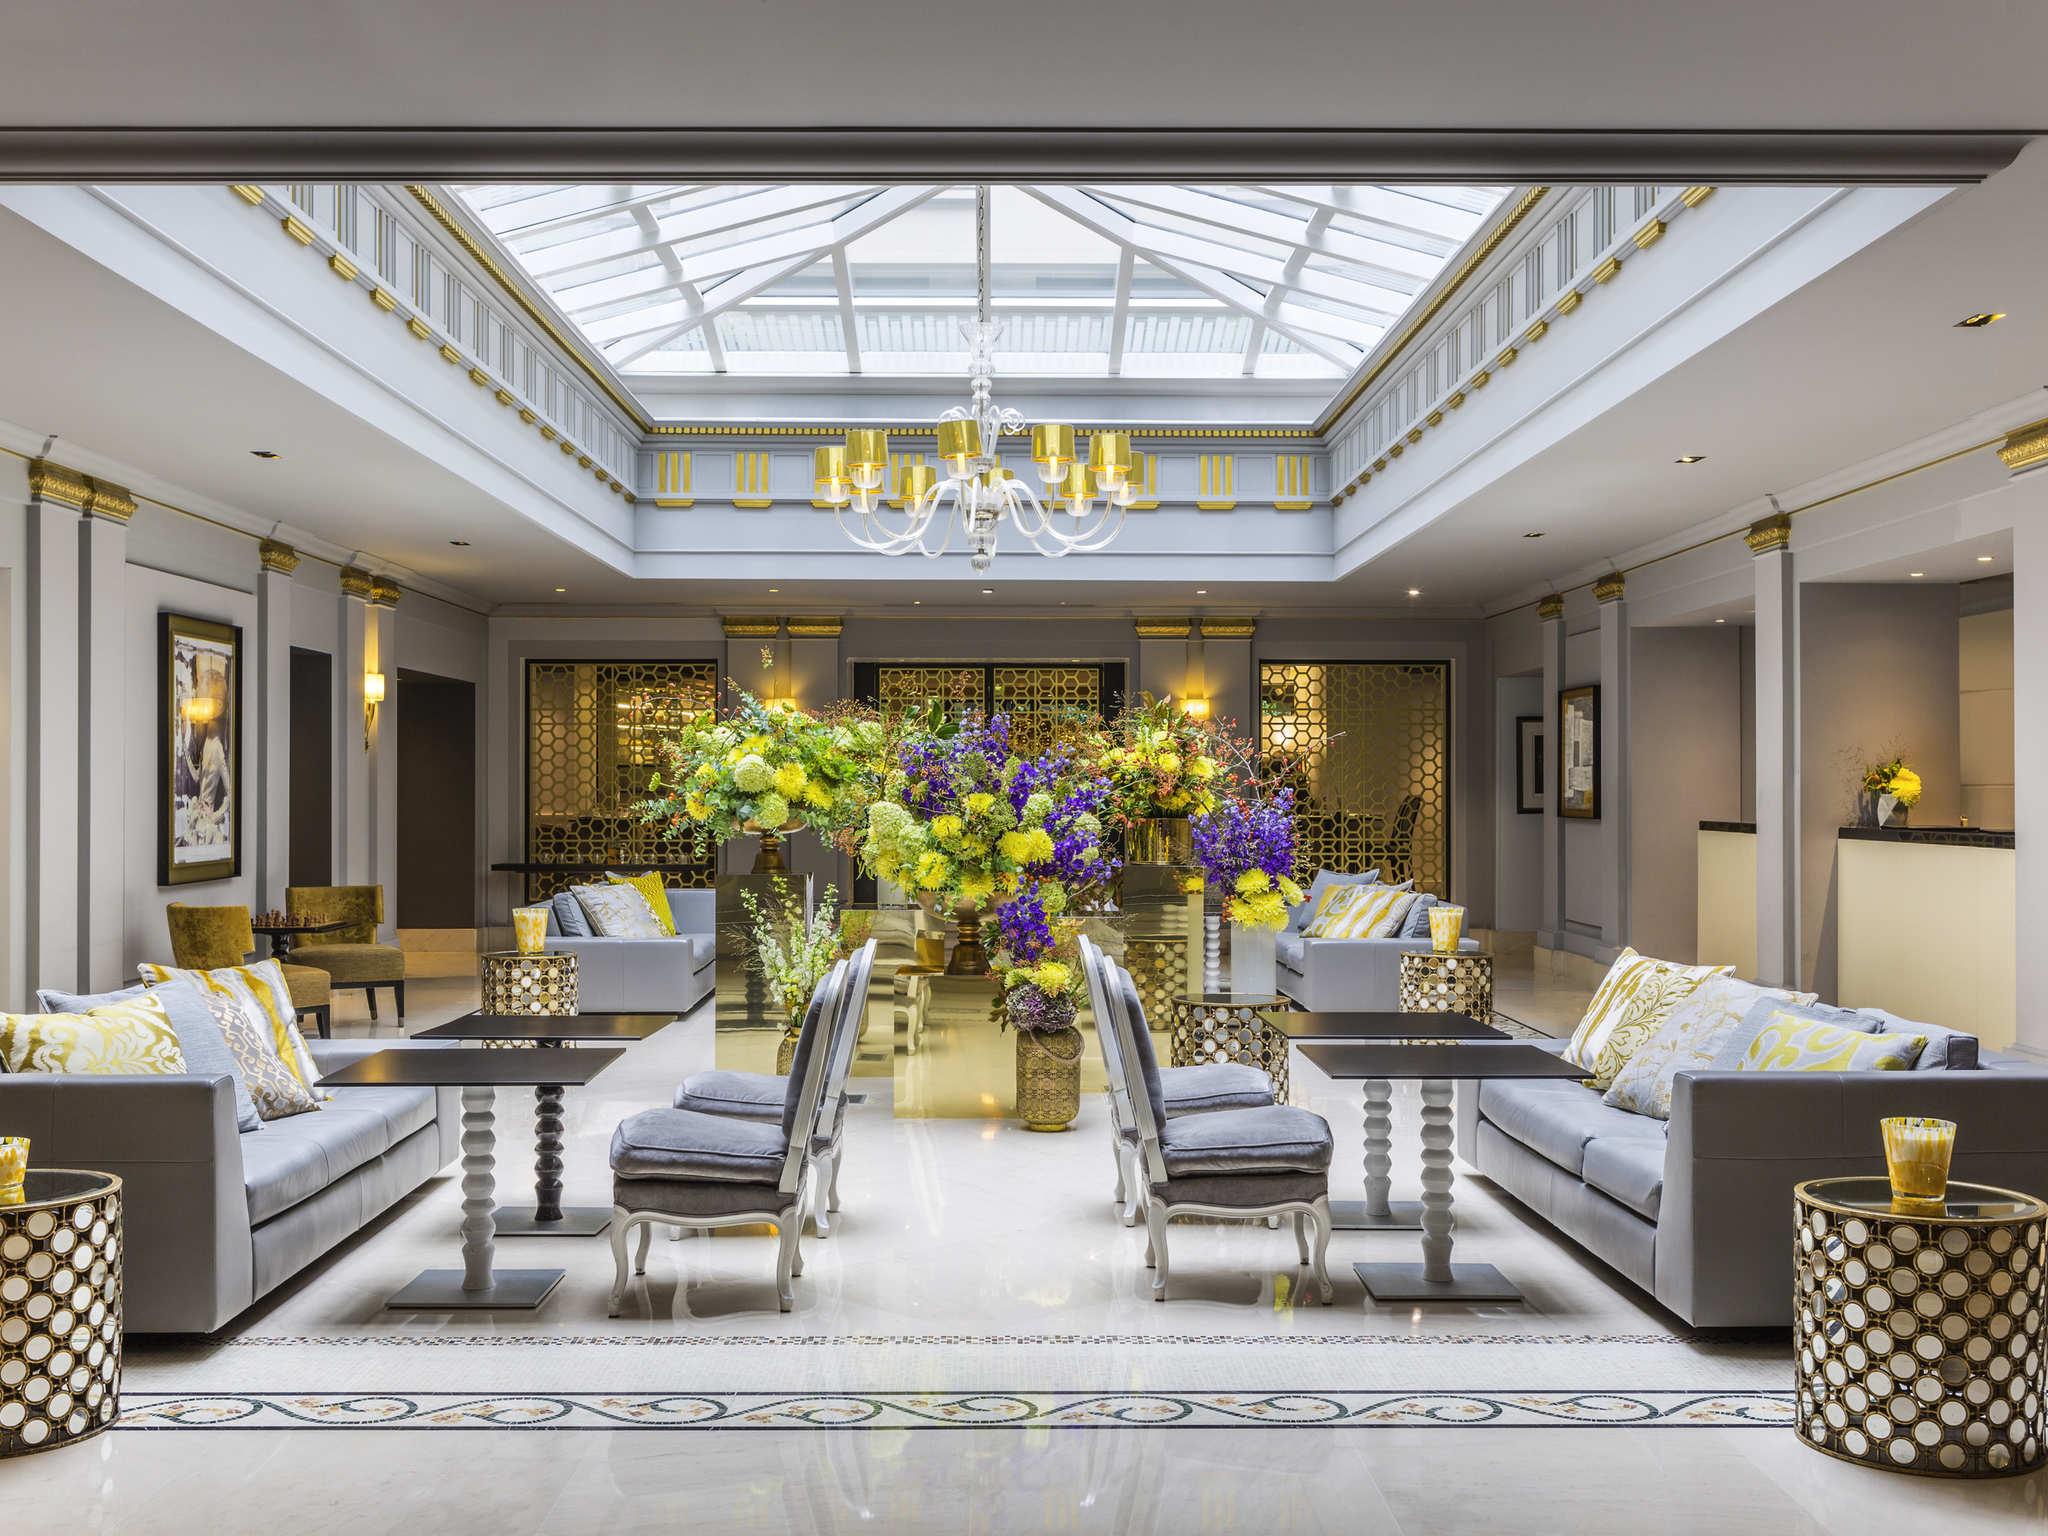 Hotel – Sofitel Parigi Le Faubourg